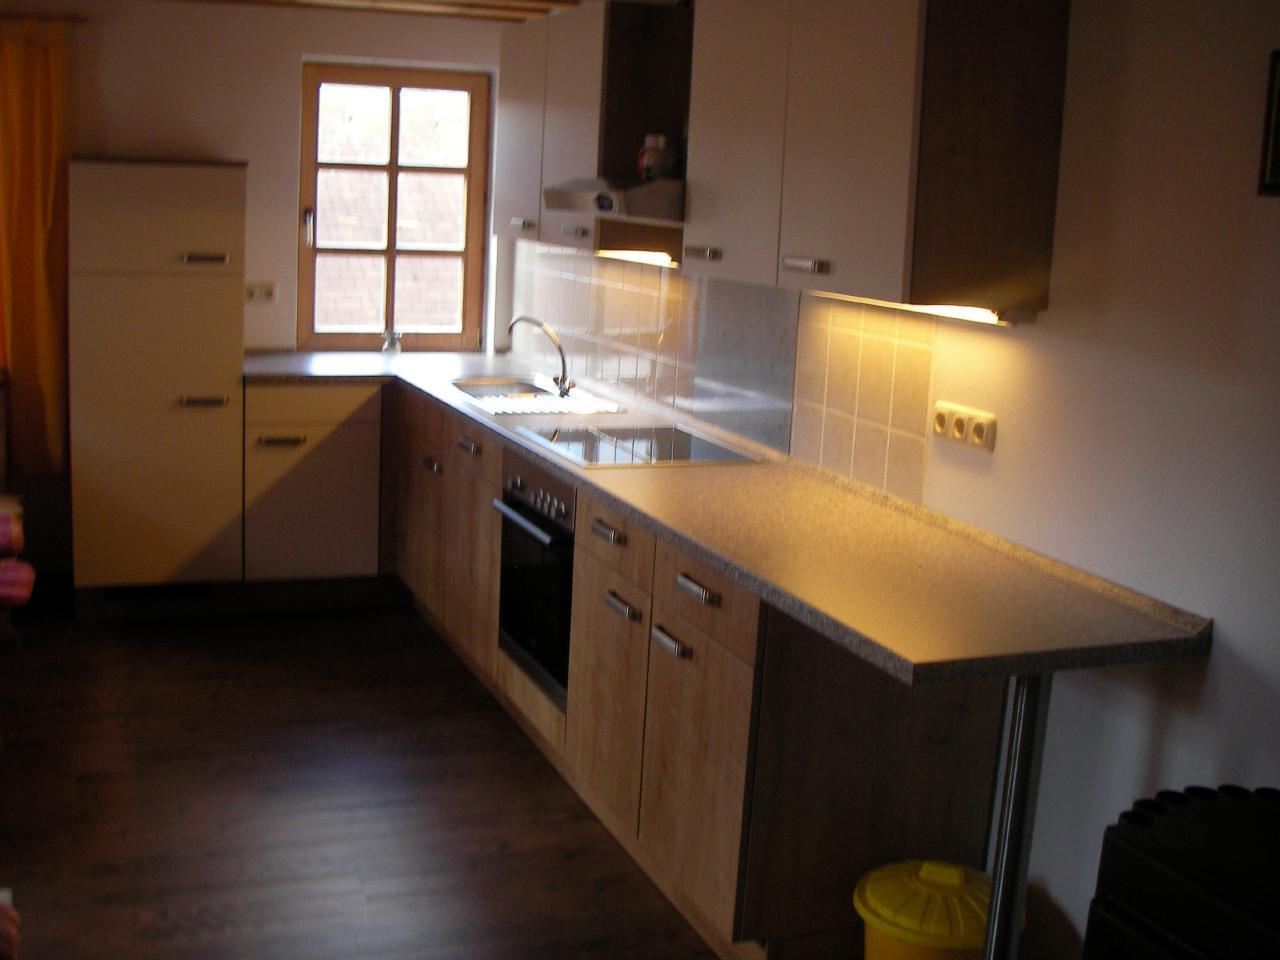 Ferienwohnung Haus Hilde Wohnung 2 (993407), Presseck, Oberfranken, Bayern, Deutschland, Bild 12